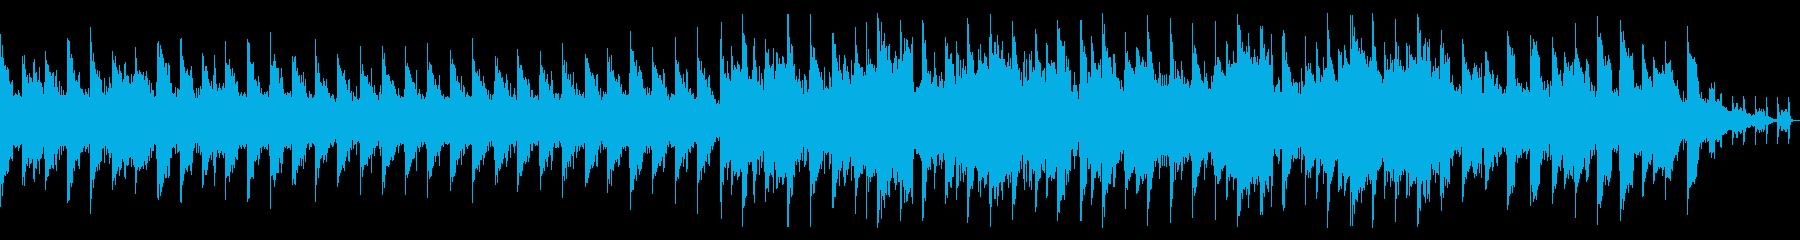 おしゃれなイメージの短尺動画用BGMの再生済みの波形